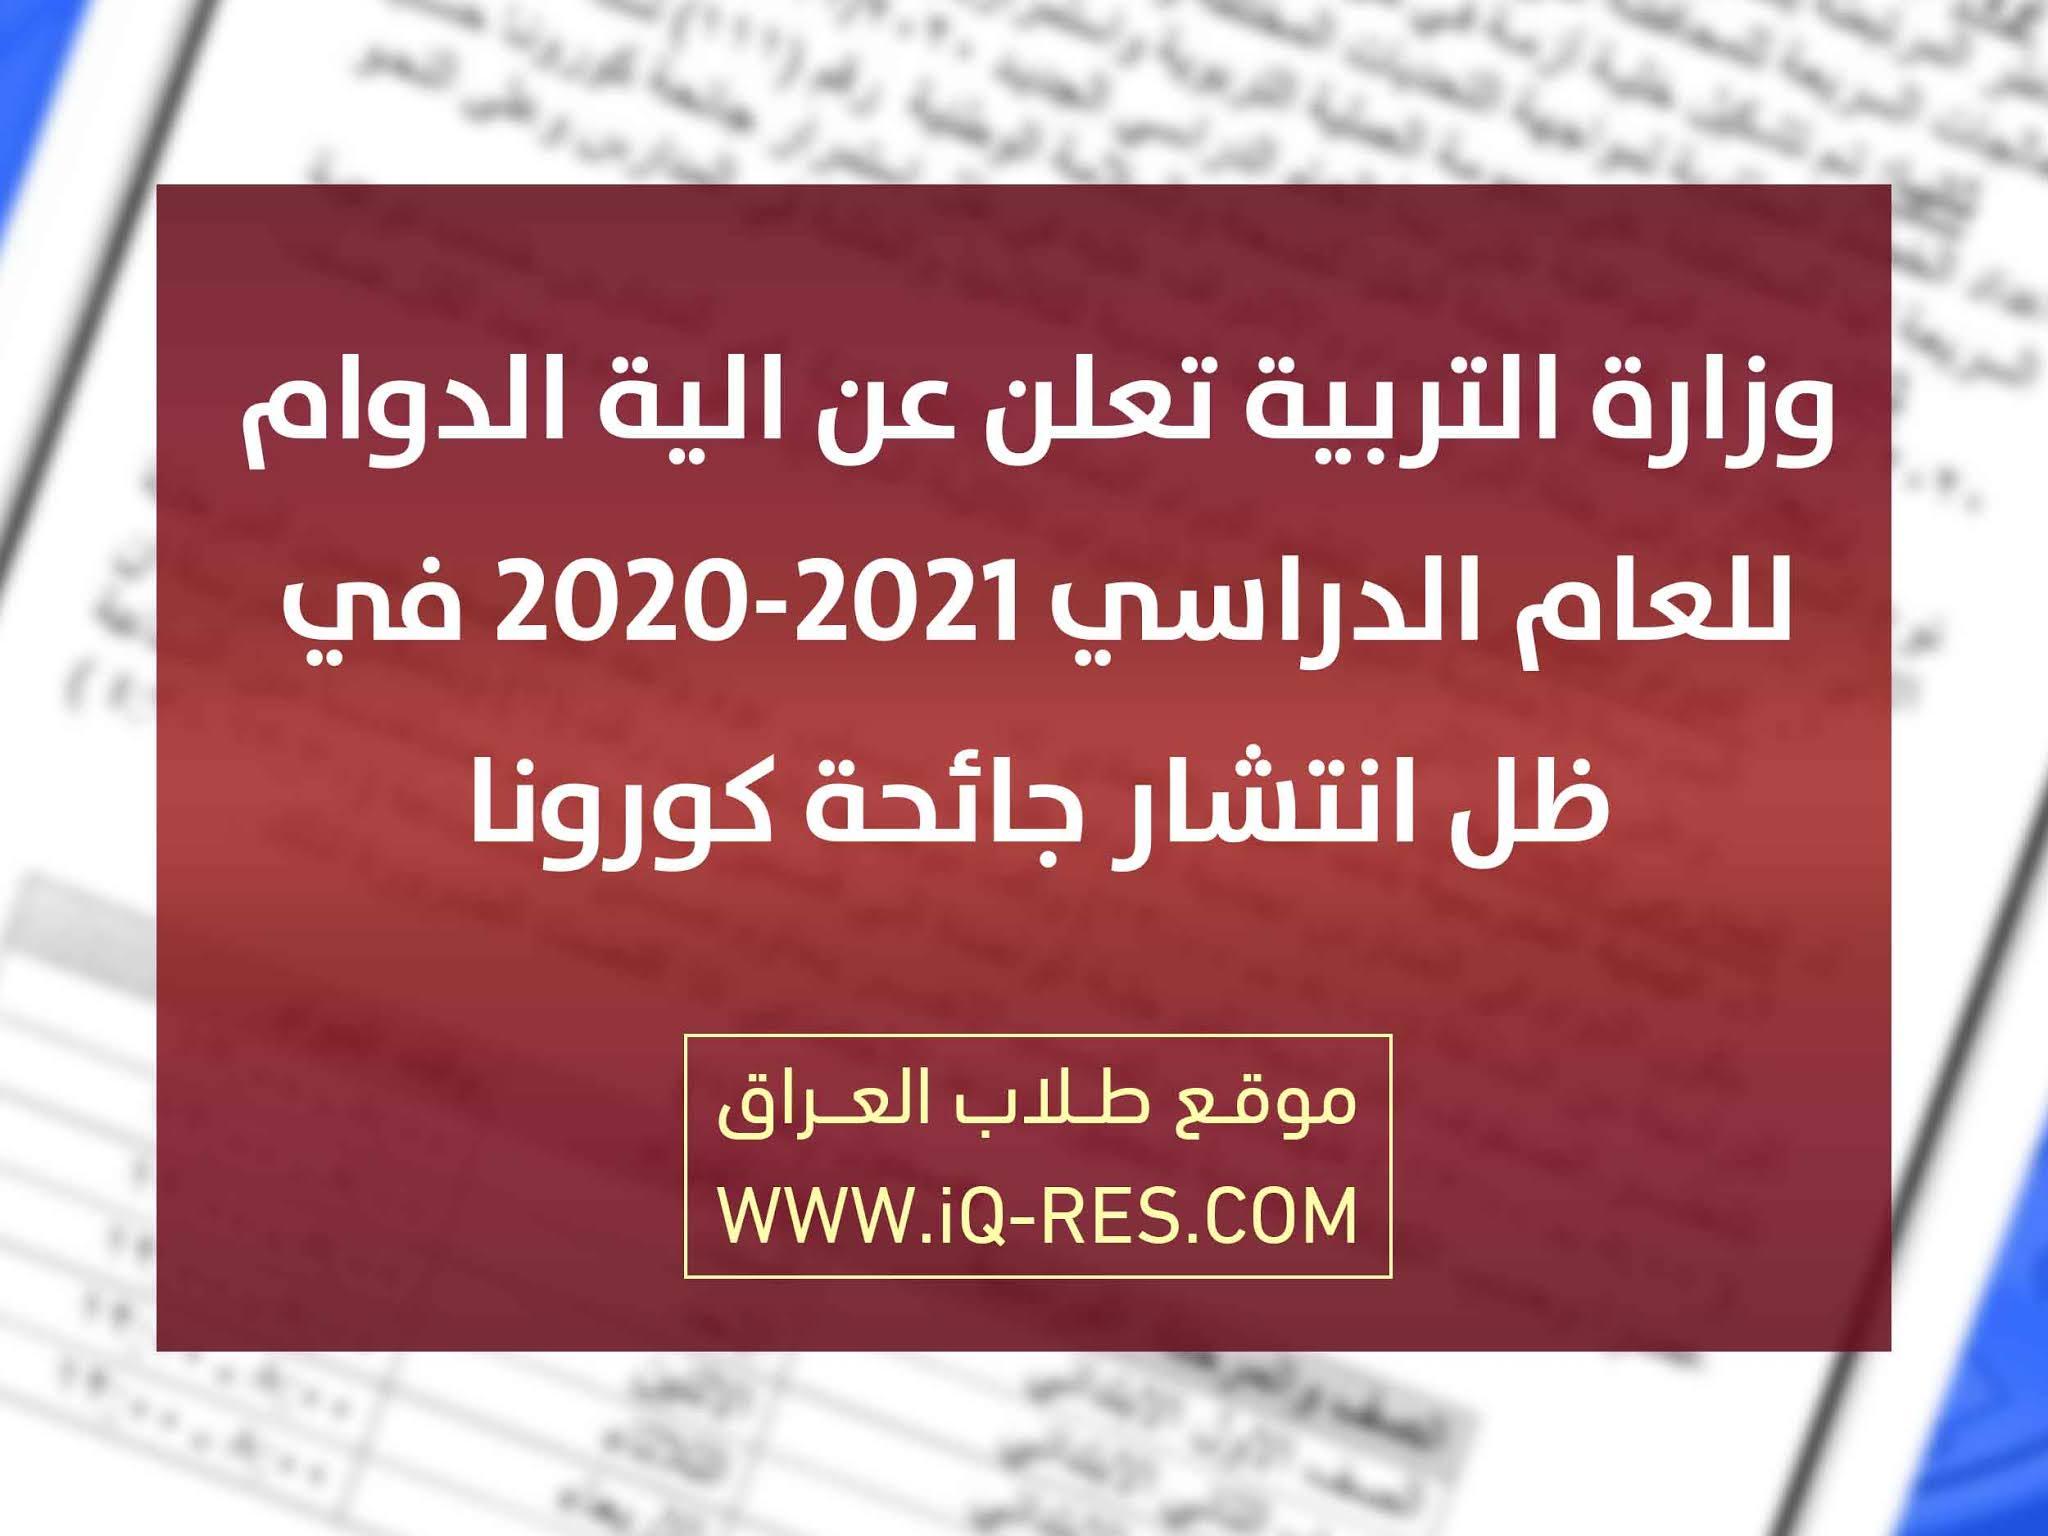 التربية تعلن عن الية الدوام للعام الدراسي 2020-2021 في ظل جائحة كورونا %25D8%25A7%25D9%2584%25D9%258A%25D8%25A9%2B%25D8%25A7%25D9%2584%25D8%25AF%25D9%2588%25D8%25A7%25D9%2585%2B2020-2021